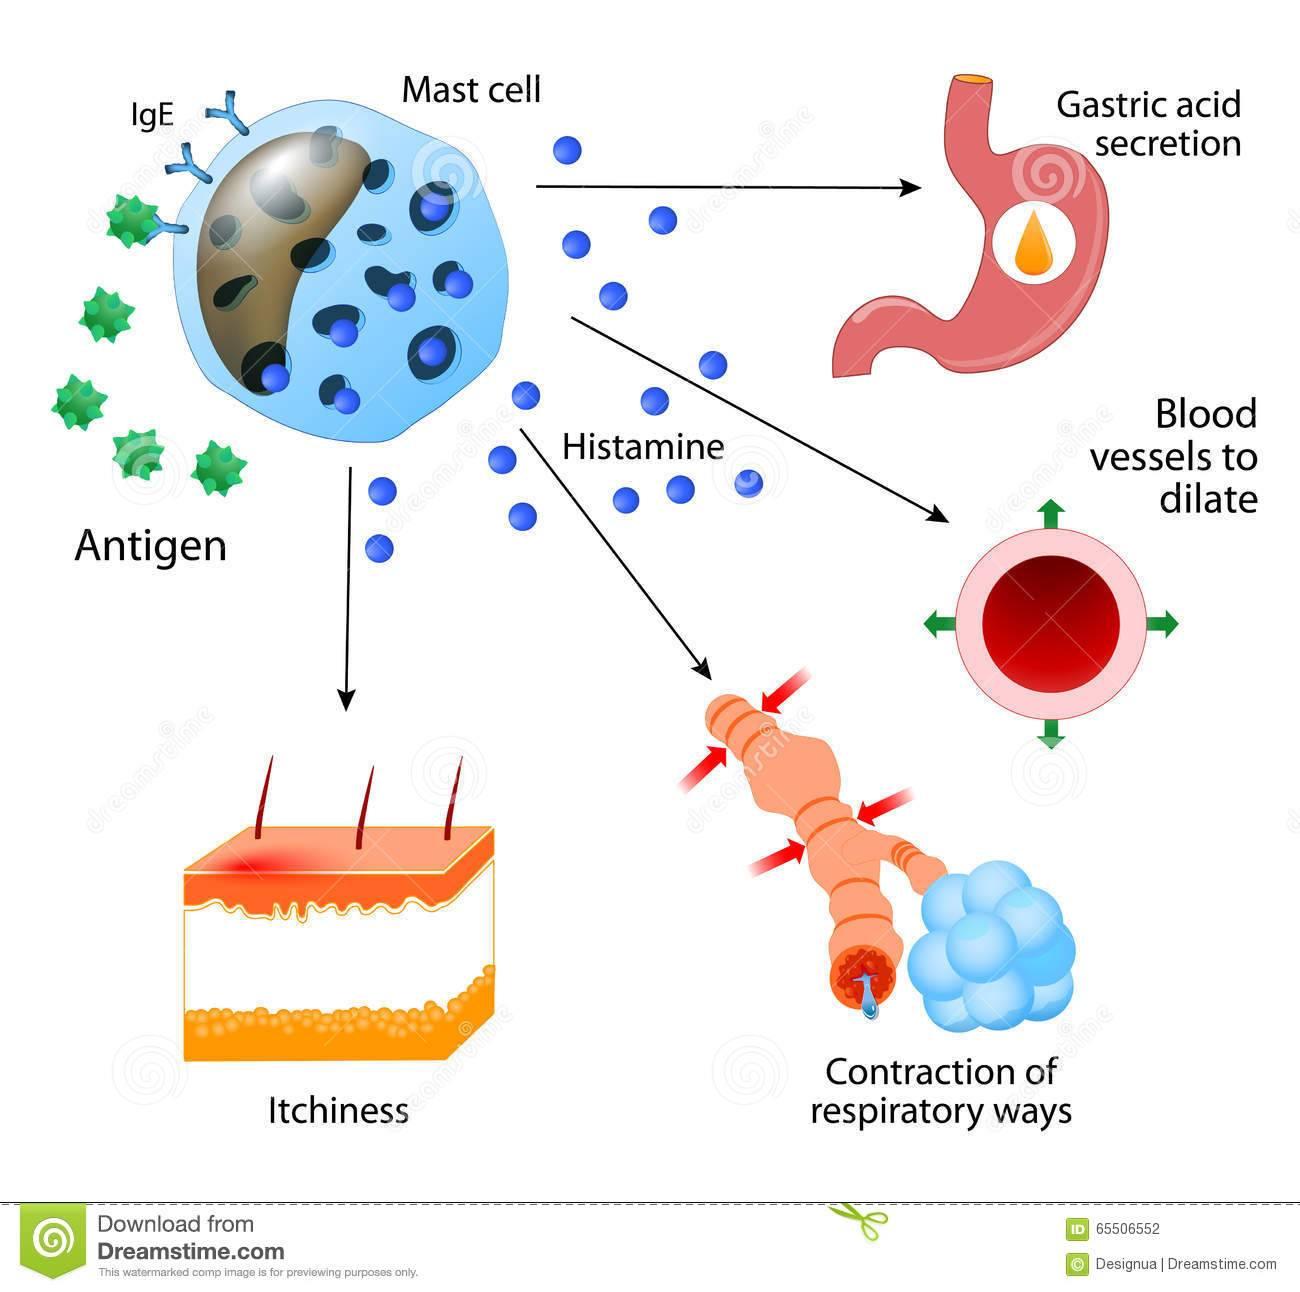 Препараты снижающие гистамин в организме человека. гистамин (histamine) - инструкция по применению, описание, фармакологическое действие, показания к применению, дозировка и способ применения, противопоказания, побочные действия